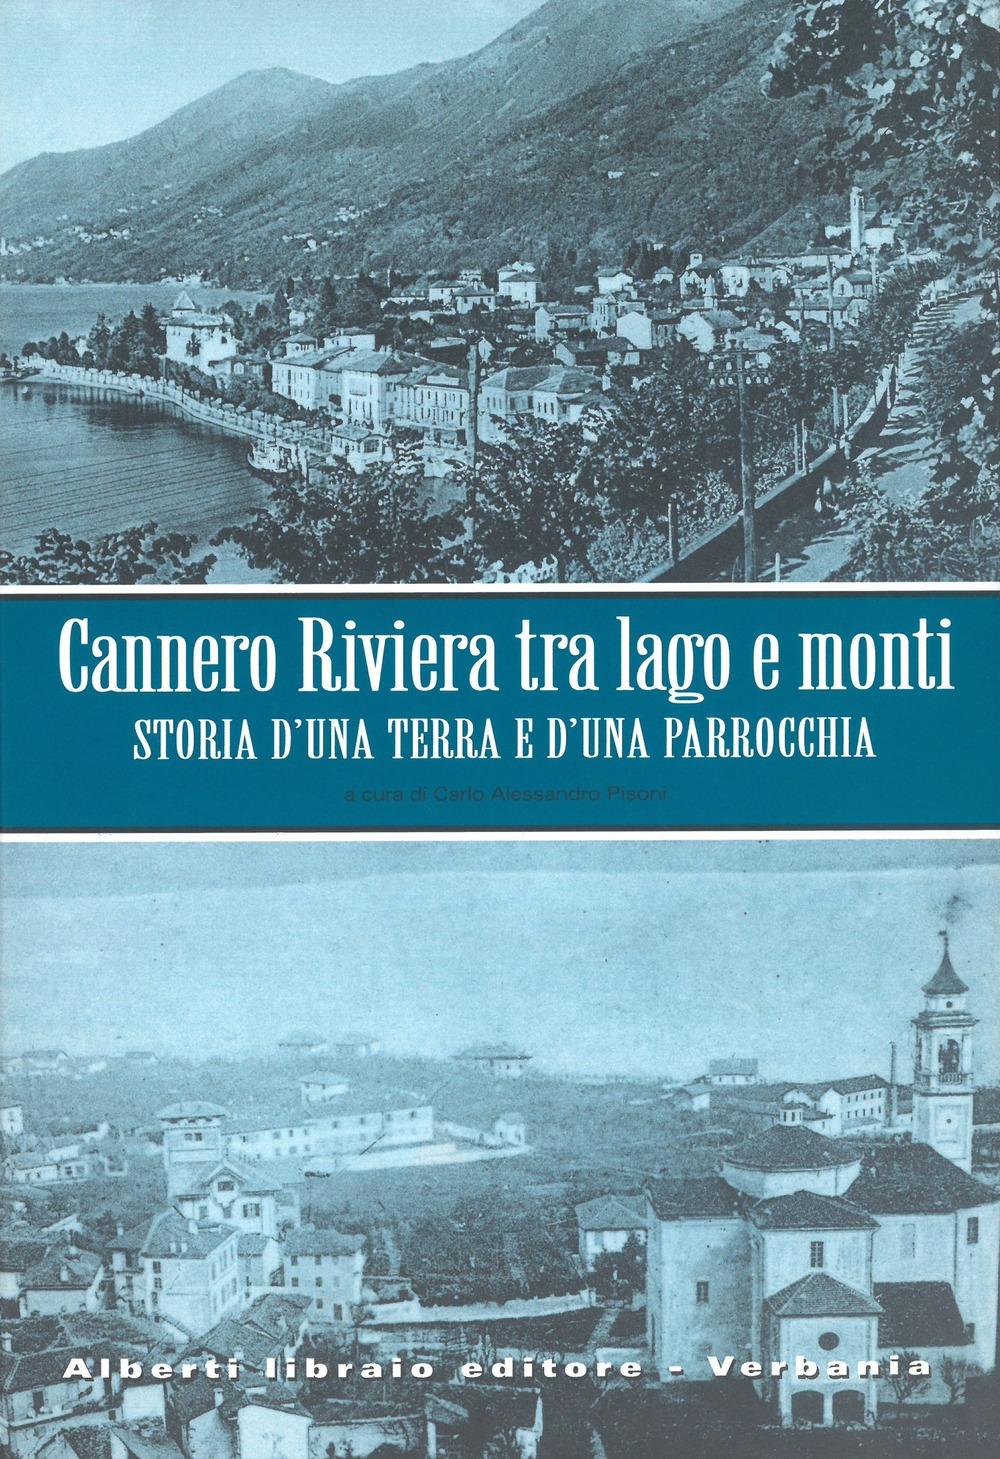 Cannero Riviera. Tra lago e monti. Storia di una terra e d'una parrocchia.